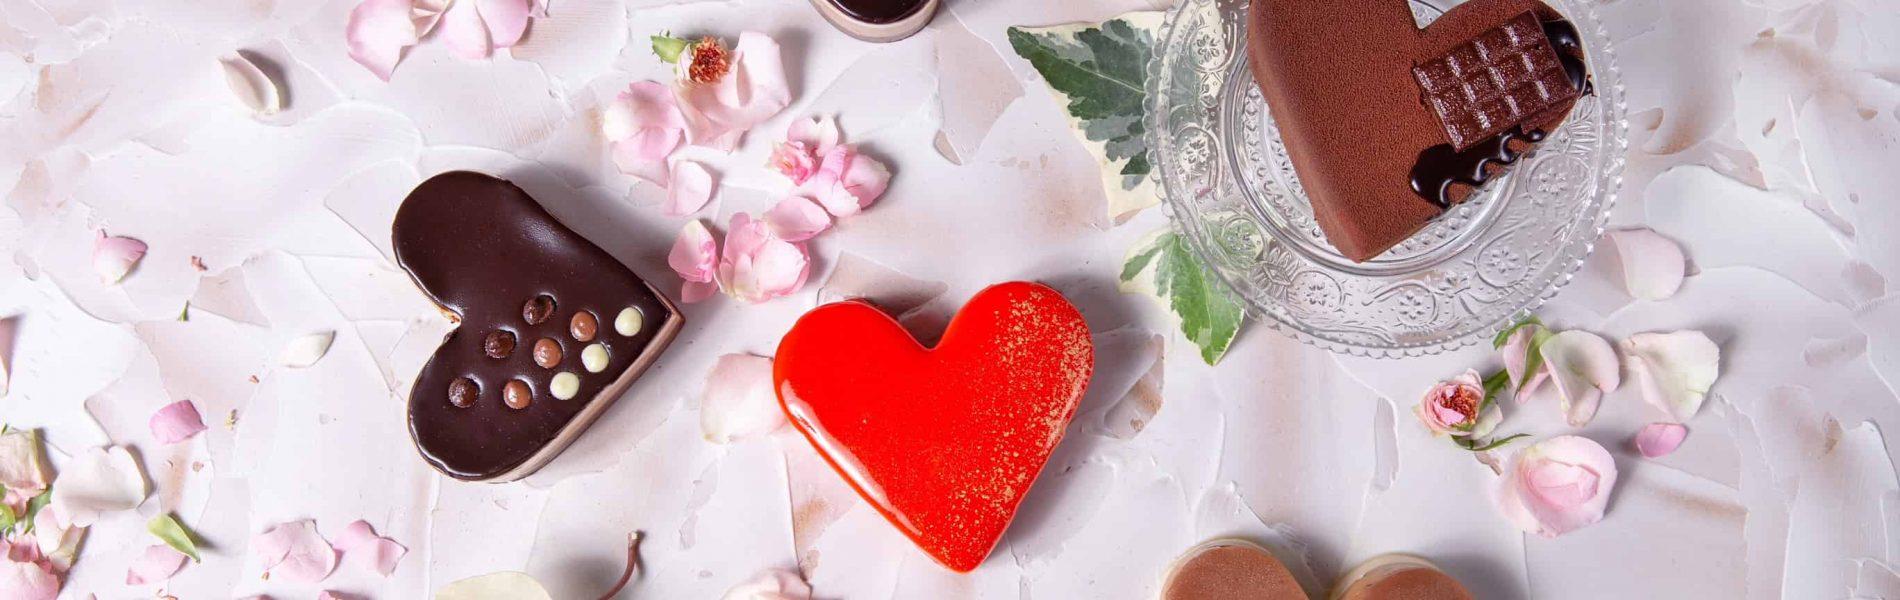 בשם האהבה: מתכון לעוגת לב מסקרפונה תות